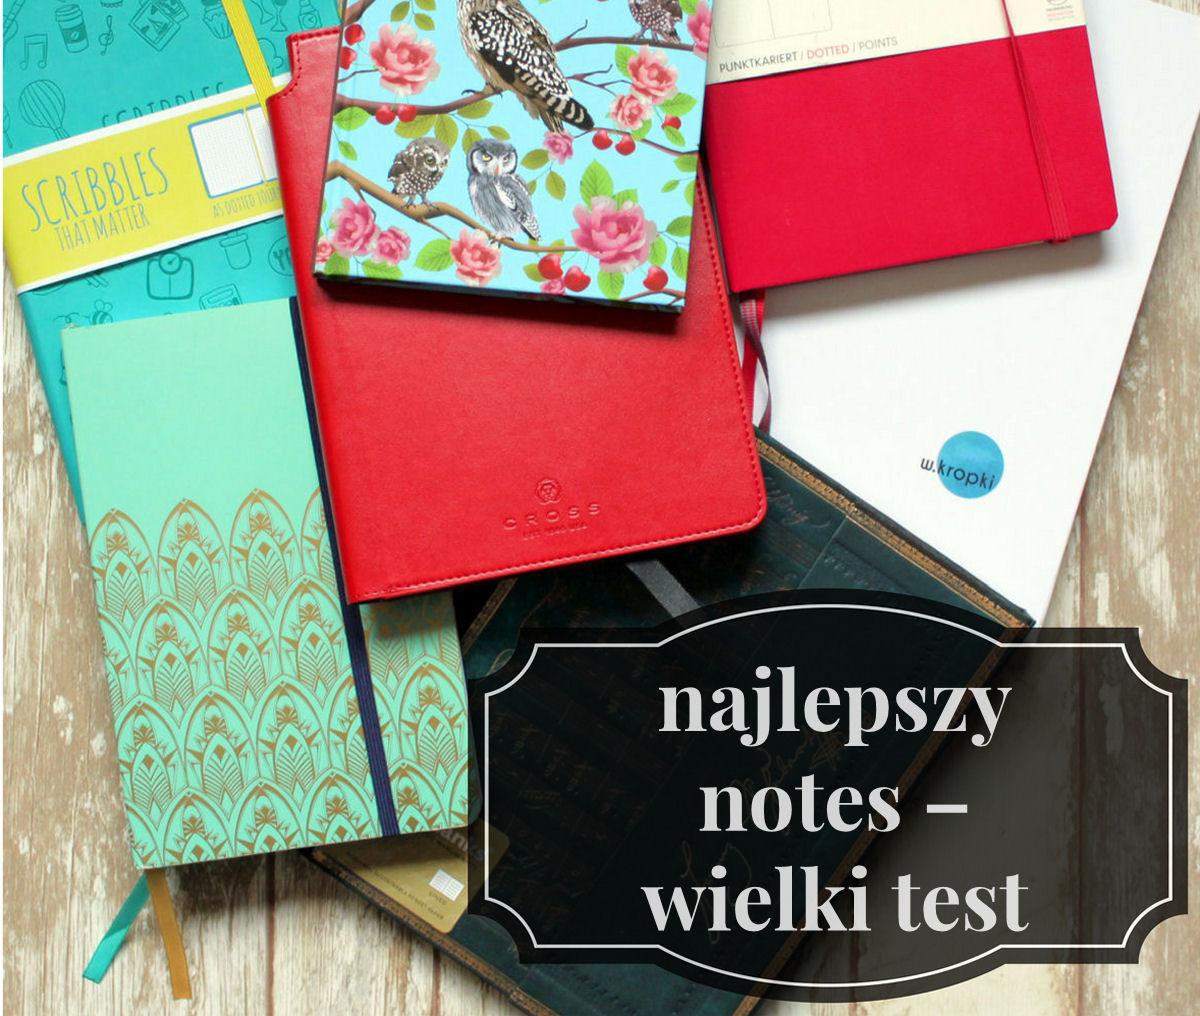 sierysuje.pl najlepszy notes na bullet journal